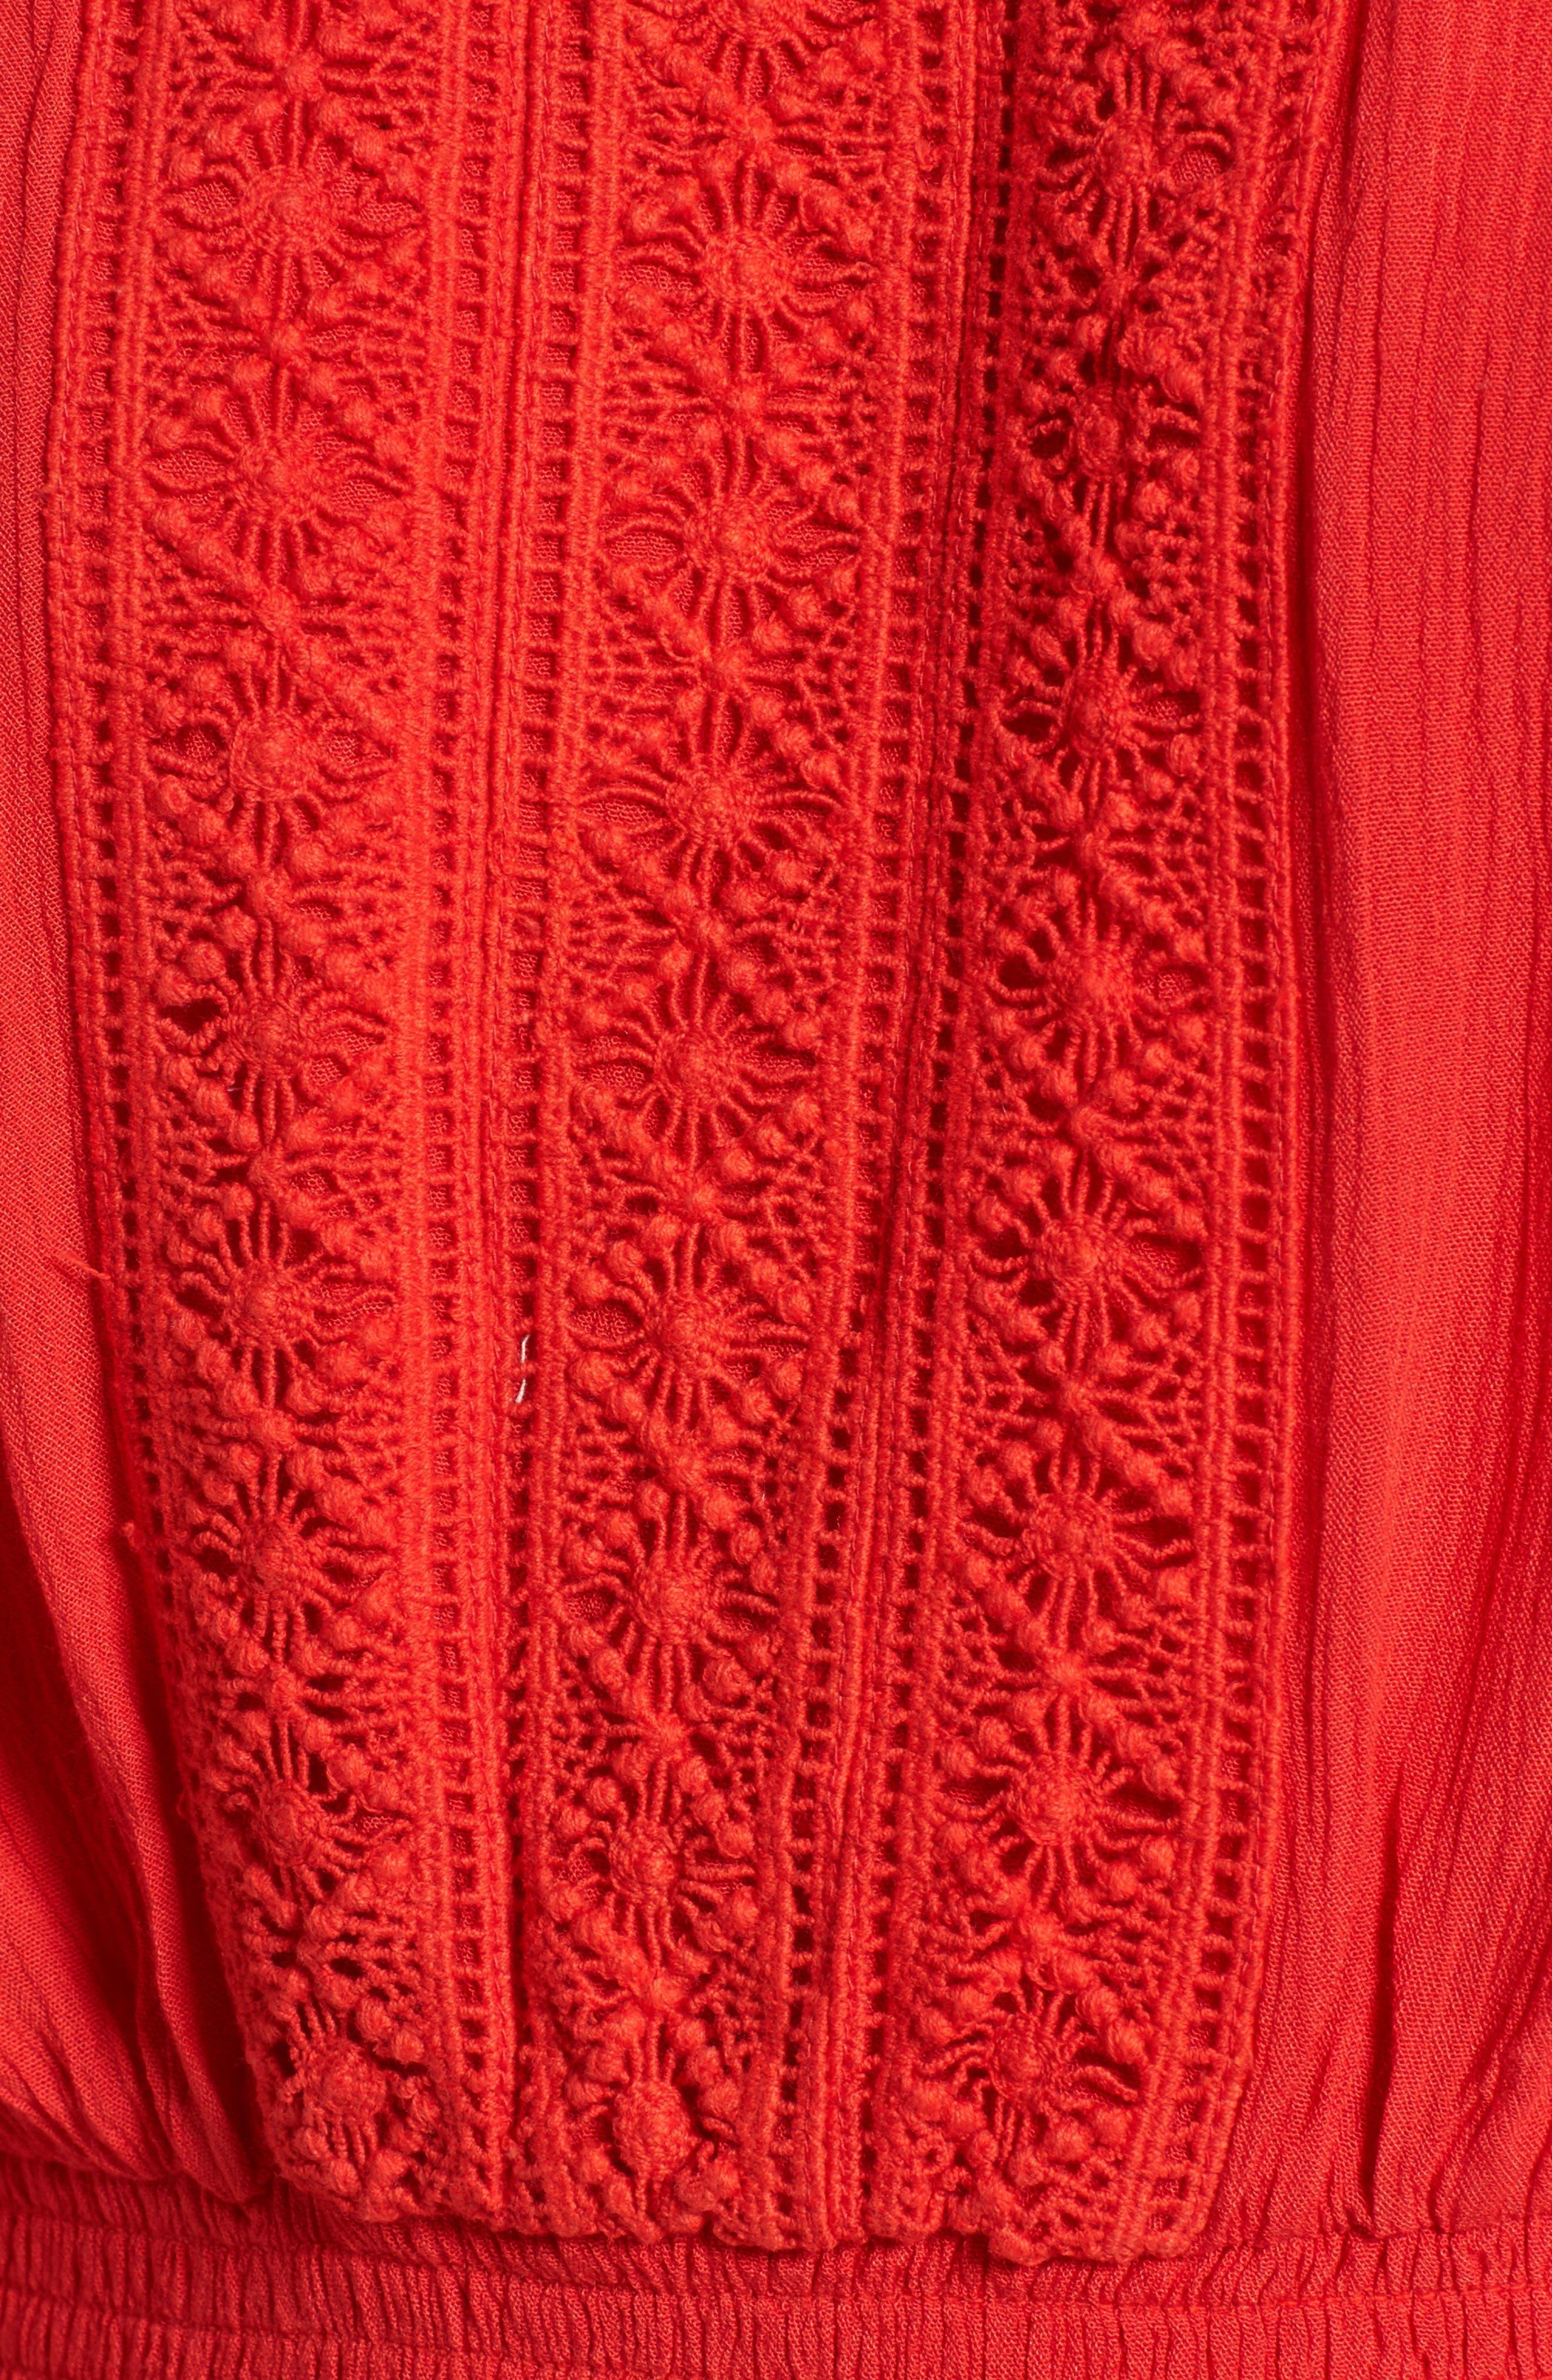 Flutter Sleeve Off the Shoulder Top,                             Alternate thumbnail 5, color,                             Red